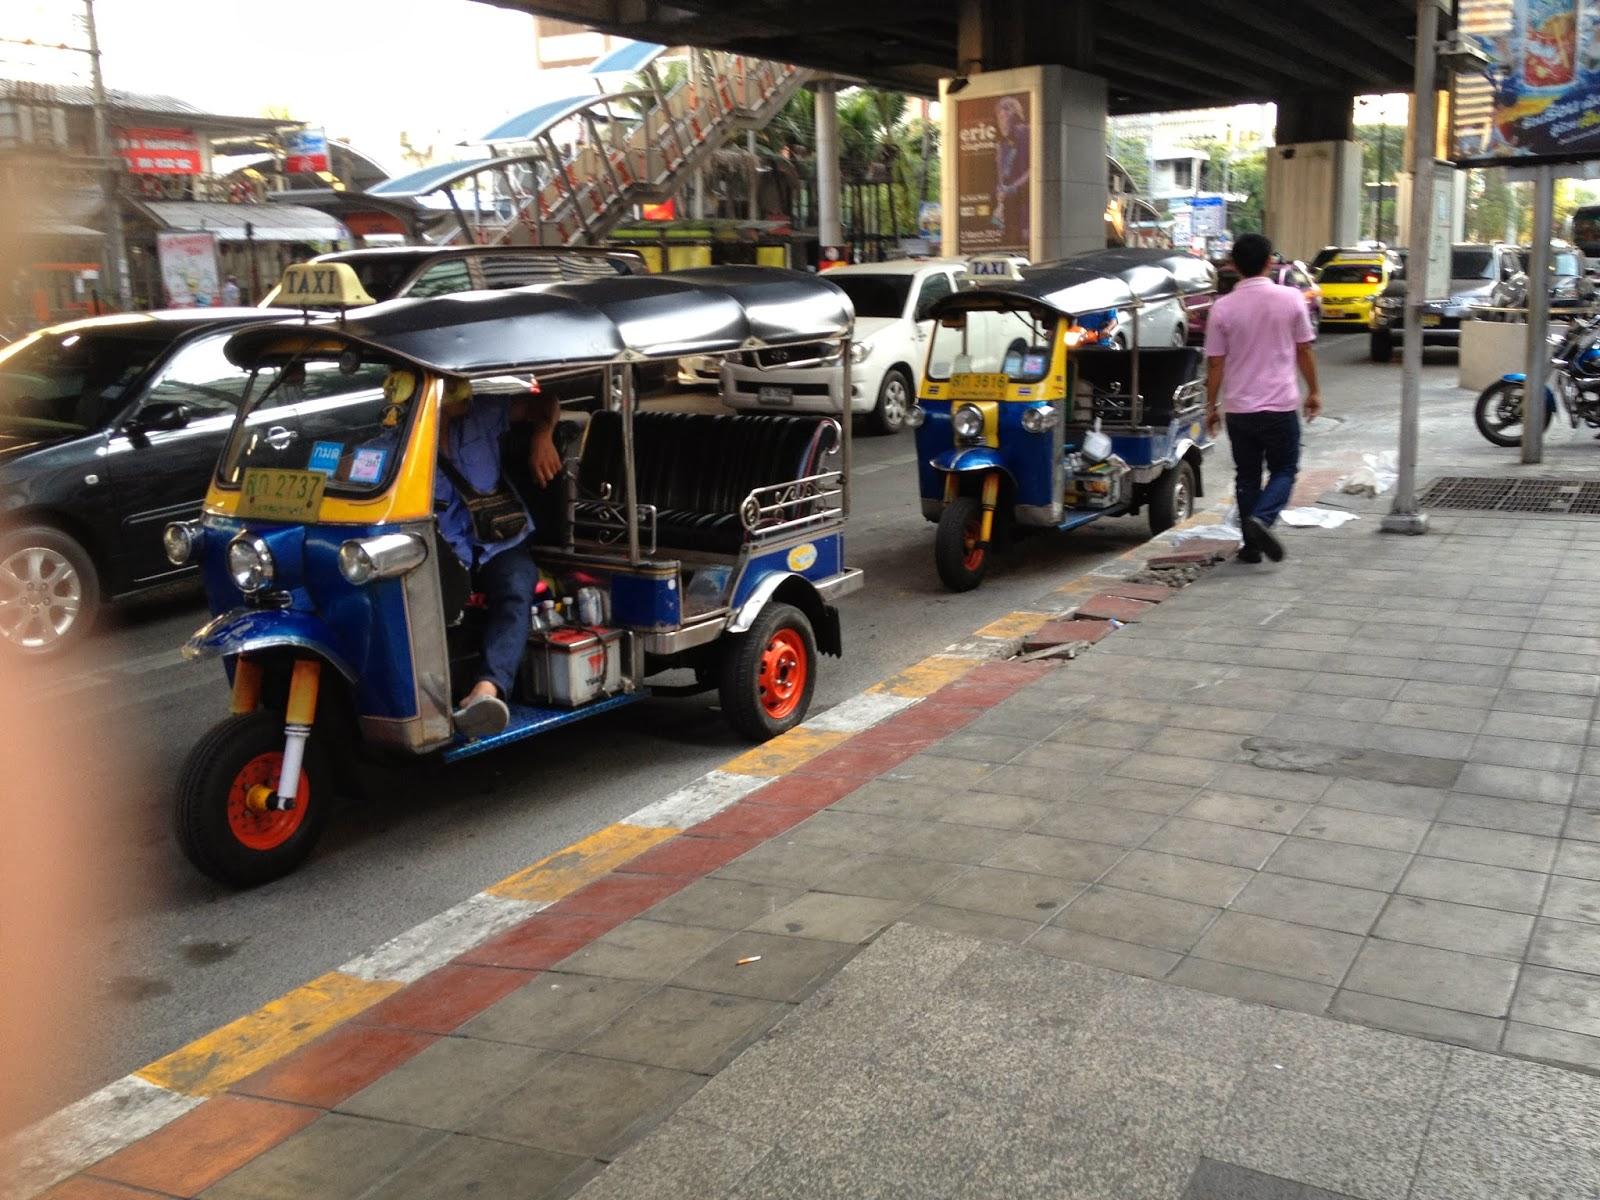 thajsko, thajsko na vlastní pěst, thajsko bez cestovky, dovolená v thajsku, rady do thajska, rady na dovolenou v thajsku, kam zajít v bangkoku, co navštívit v Bangkoku, co navštívit v Thajsku, blog o thajsku, blog o životě v asii, blog o životě v zahraničí, češka žijící v thajsku, fashion house, fashionhouse, fashionhouse.cz, fashion house blog, blog fashion house, víza do thajska, kam do thajska, cestování po thajsku, phi phi ostrov, ostrovi krabi, blog o cestování, nejlepší český blog, česká blogerka, nejlepší blog o cestování, letenky do thajska, levné letenky do thajska, singarůr bez cestovky, singapůr na vlastní pěst, malajsie bez cestovky, malajsie na vlastní pěst, dubai bez cestovky, dubai na vlastní pěst, víza dubai, dovolená v dubaji, dovolená v singapůru, dovolená v malajsii, malajsie na vlastní pěst, malajsie bez cestovky, thajské jídlo, česká blogerka, nejlepší blog, pláž v thajsku, dovolená v thajsku, dovolená phuket, maya beach, pláž z filmu Pláž, cestování na vlastní pěst, cestování bez cestovky, thajsko bez cestovky, ráj na zemi, pláž, thajská pláž, kam na dovolenou, maya beach, pláž maya beach, pláž phuket,dámské oblečení, dámské stylové oblečení, značkové oblečení, oblečení ze zahraničí, zahraniční eshop, eshop s poštovným zdarma, letní šaty, eshop s dámkým oblečením, eshop výprodej, dlouhé šaty, sexy mini šaty, černé šaty, zlaté doplňky, asijská móda, thajsko, dovolená v thajsku, dovolená v dubaji, thajsko na vlastní pěst, thajsko bez cestovky, dovolená v thajsku, dovolená v dubaji na vlastní pěst, dovolená v dubaji bez cestovky, dubaj bez cestovky, thajsko bez cestovky, češi v zahraničí, czech expat, stylové oblečení, eshop s levným oblečením, Departure Card, cestování po thajsku, cestování thajsko, vízum Thajsko, potřebuju do thajska vízum, blog o cestování na vlastní pěst, cestování bez cestovky, blog o thajsku, tuk tuk thajsko, tuk tuk bangkok, pláž v thajsku, dovolená v thajsku, dovolená phuket, maya beach, pláž z filmu Pláž, cestování na vla